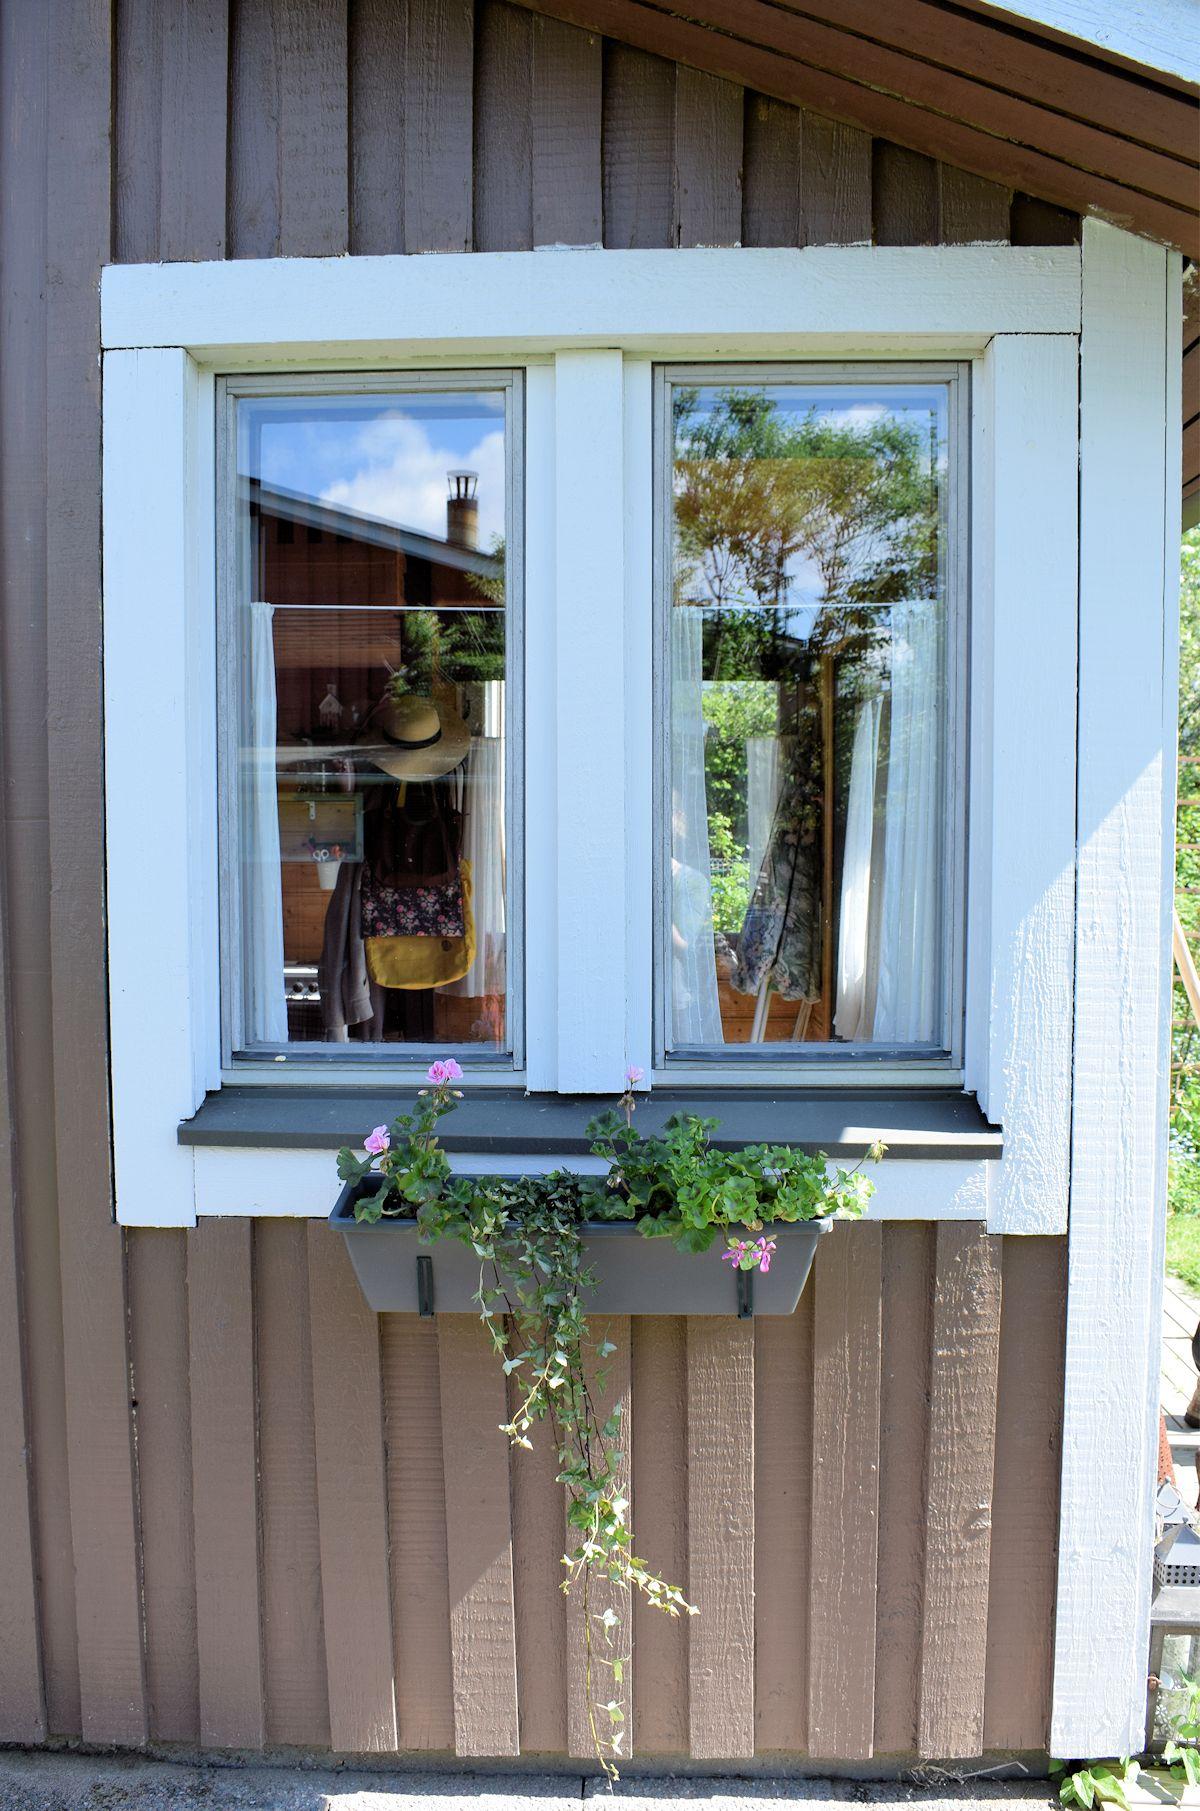 siirtolapuutarhamökin ikkunalla kukkalaatikko